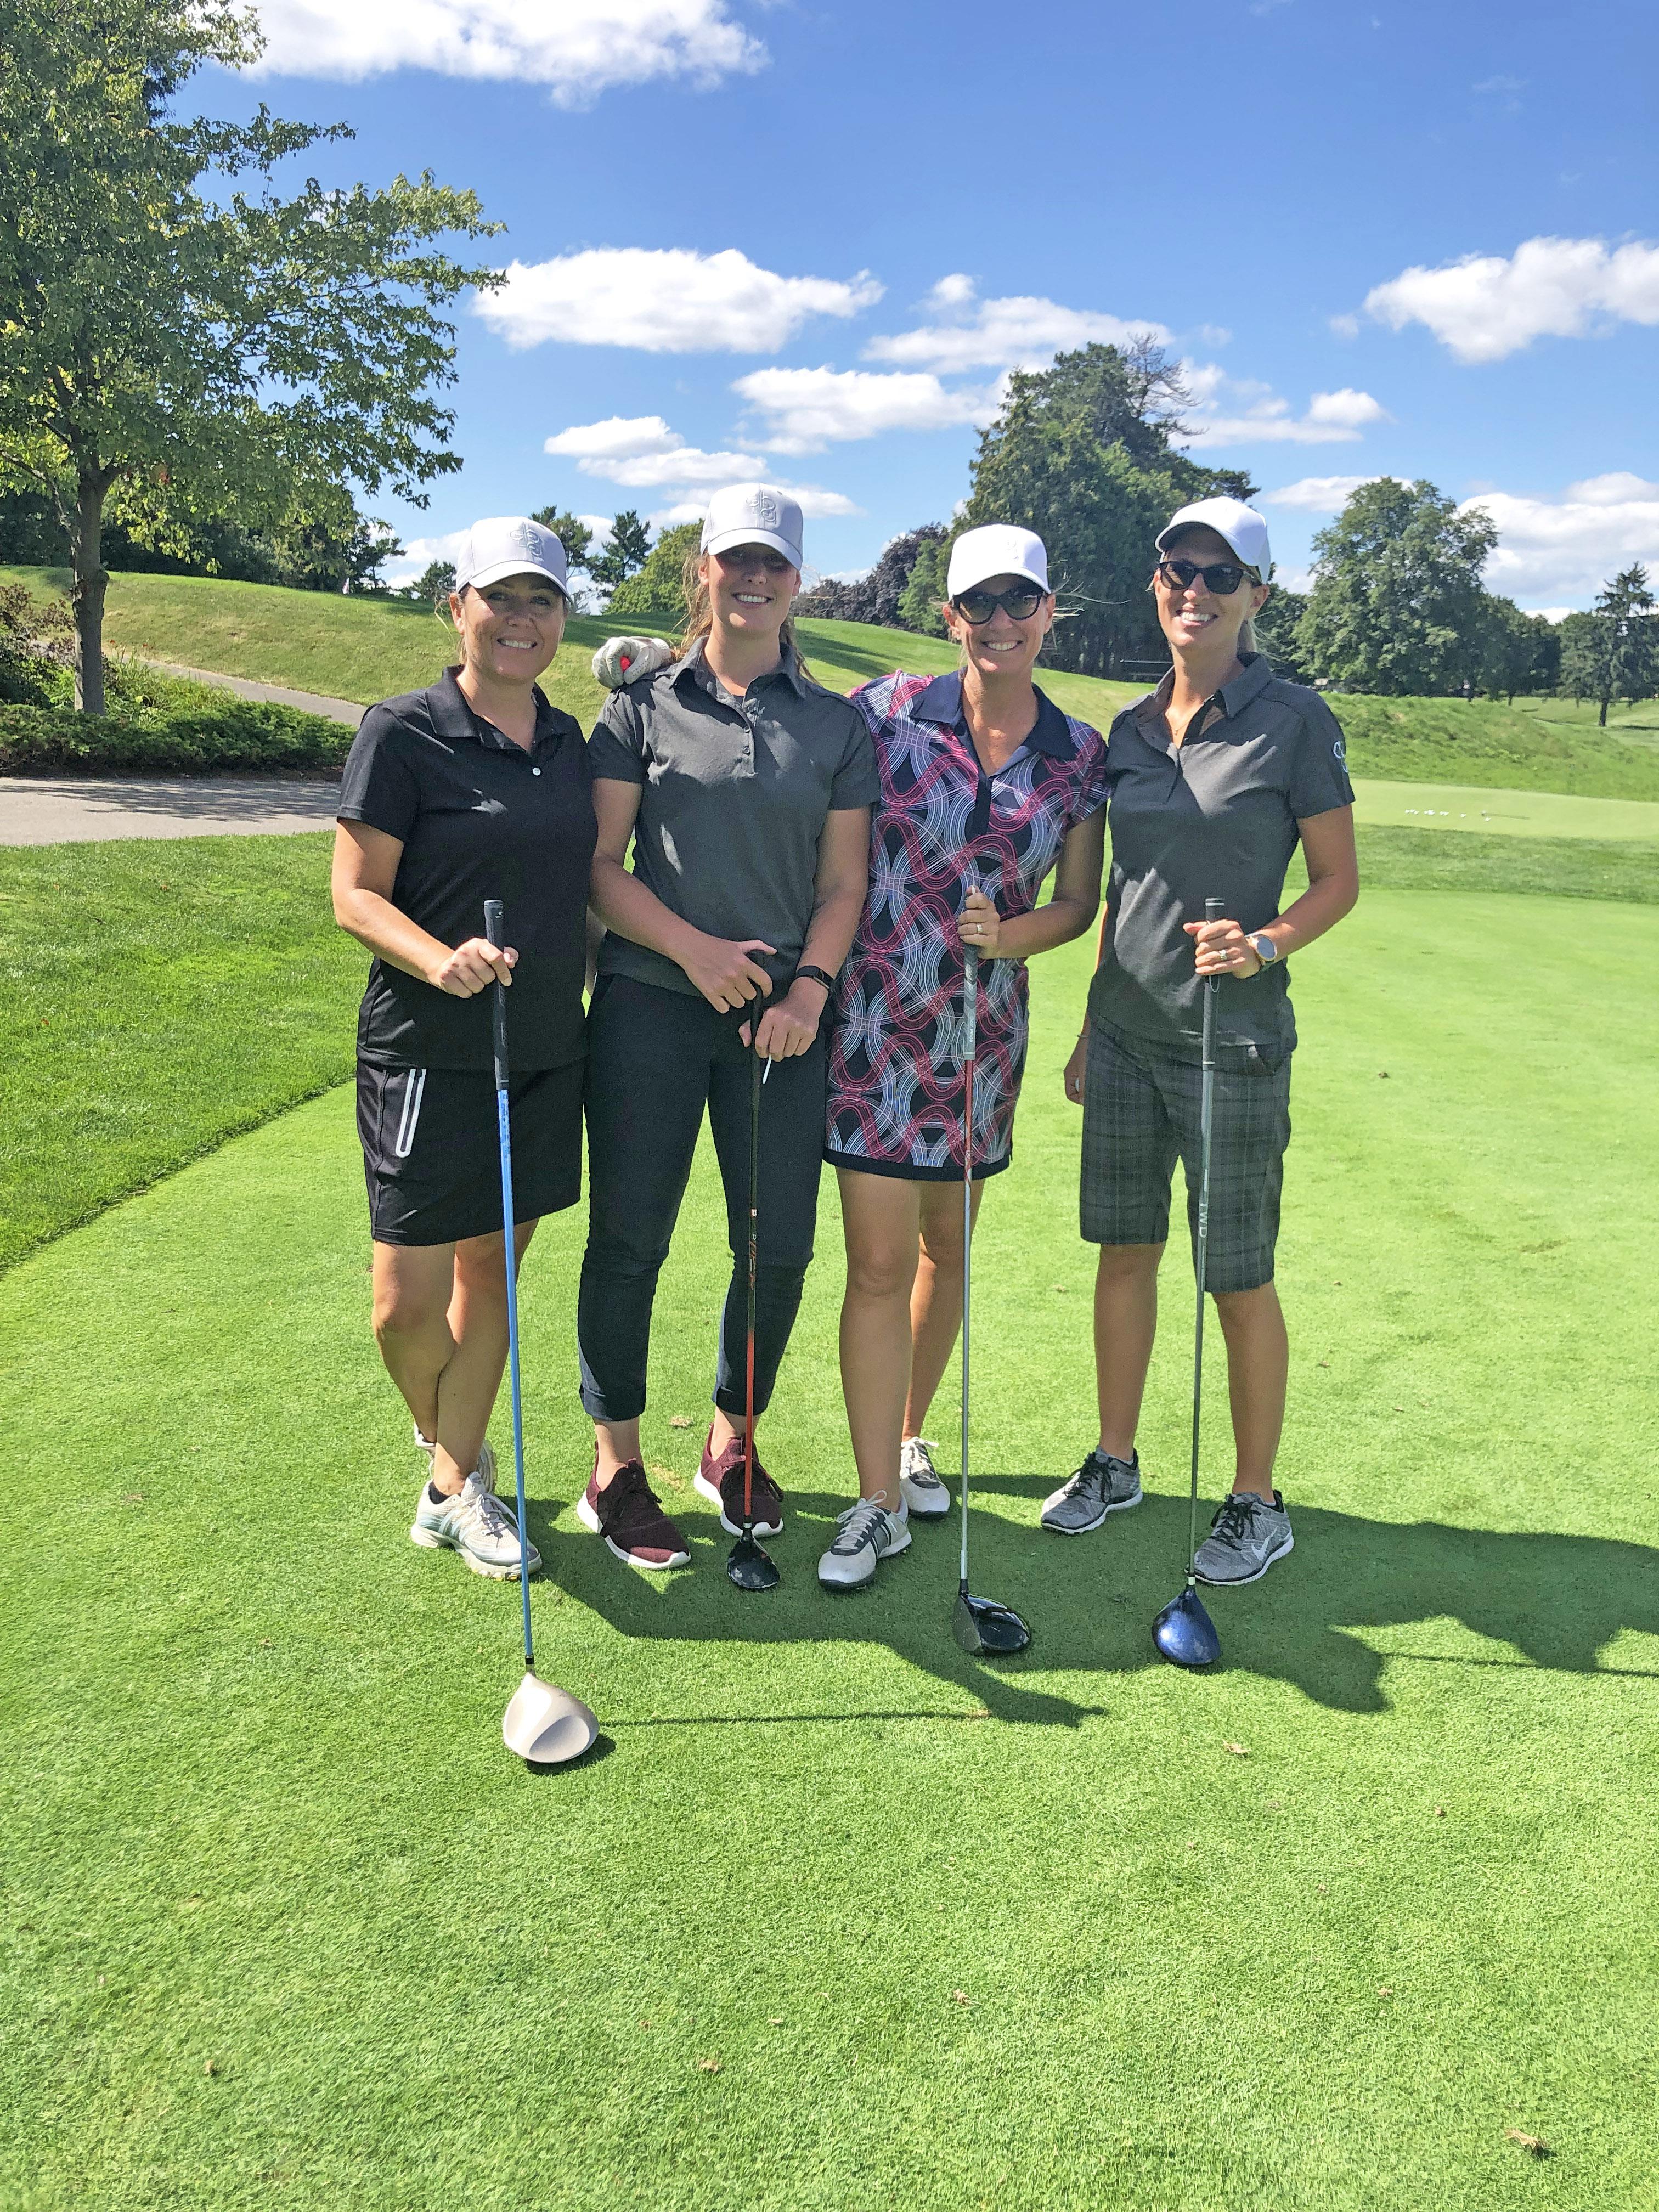 2019.08.23 - Community - GVCA Golf Tournament